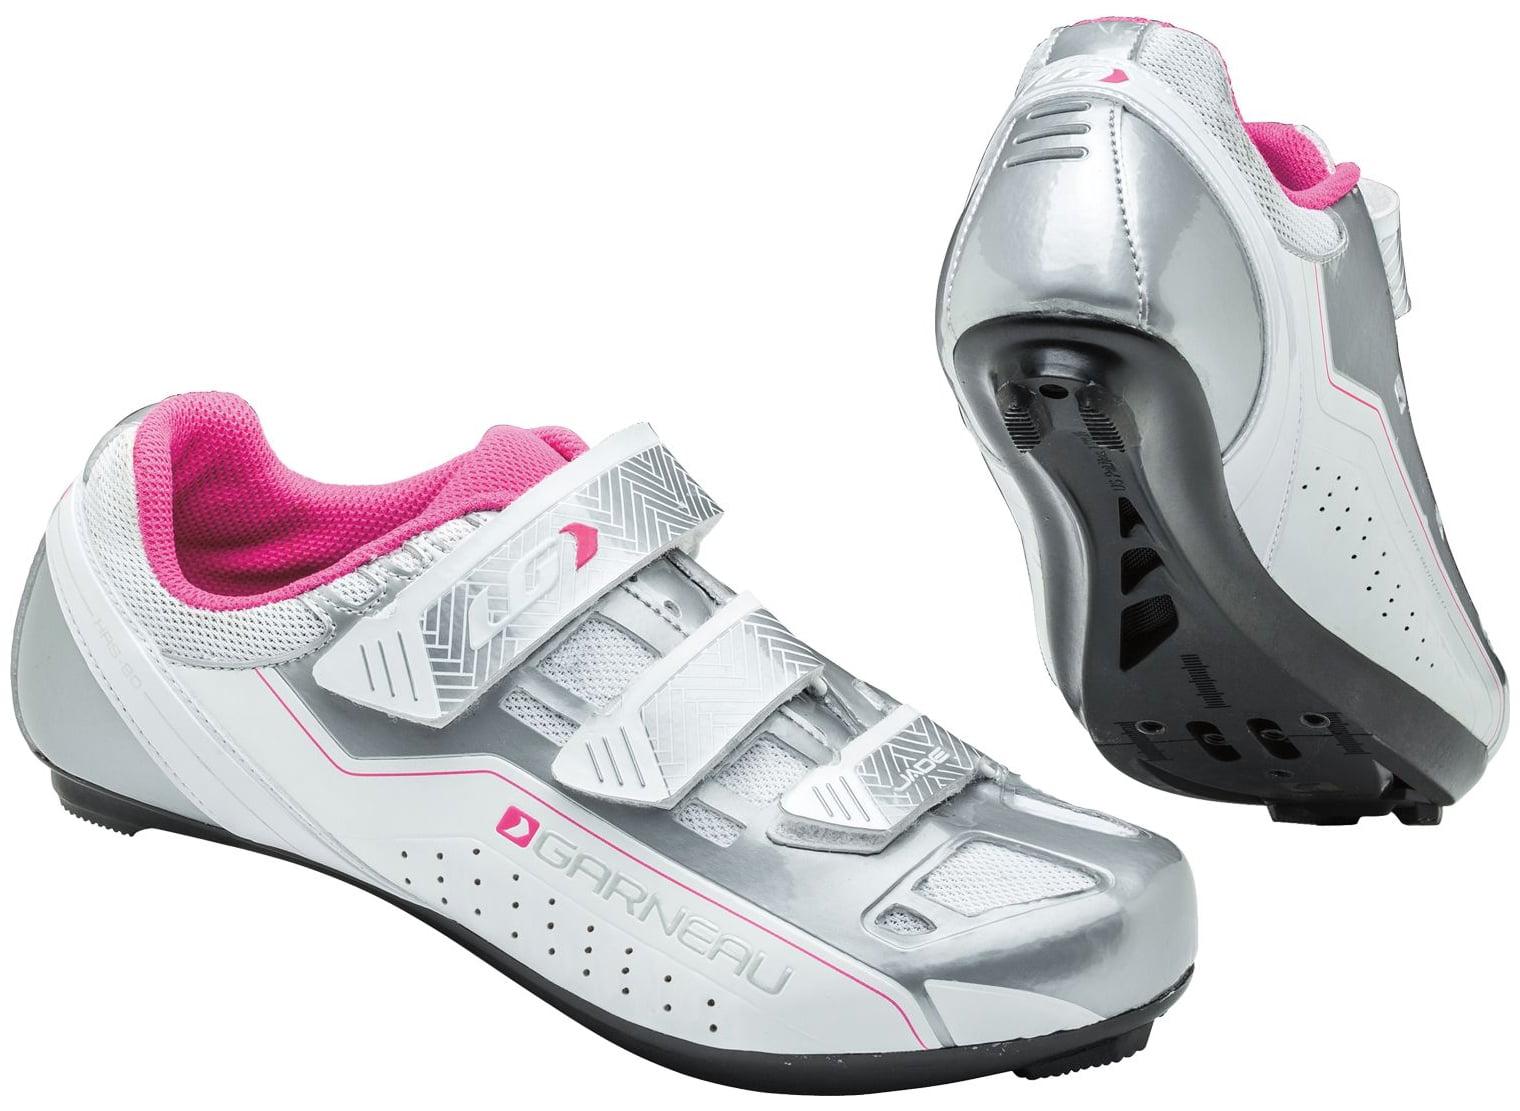 Louis Garneau Women's Jade Cycling Shoes (Drizzle, 36)